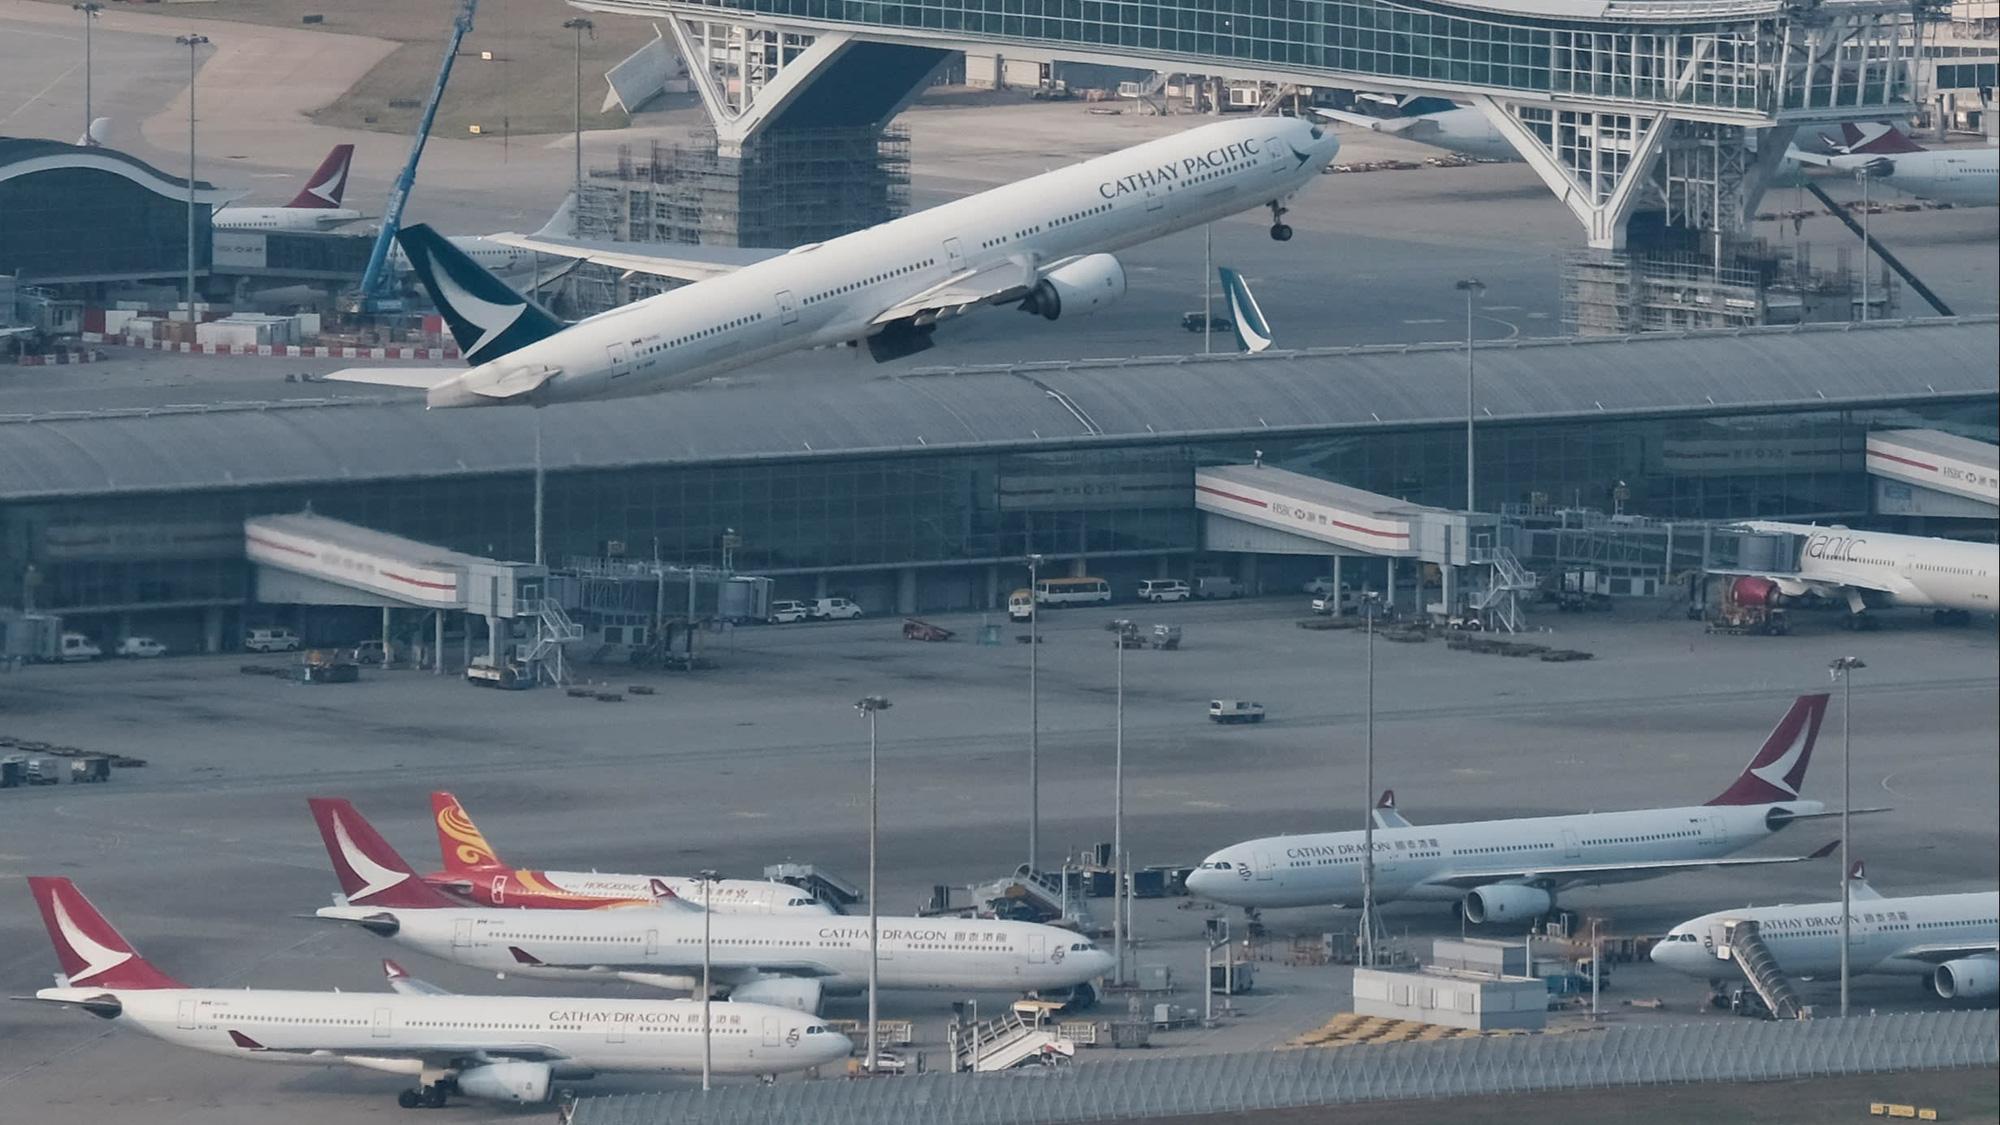 Lao đao vì dịch, hãng hàng không hàng đầu Hồng Kông cắt giảm 1/4 nhân sự - Ảnh 1.